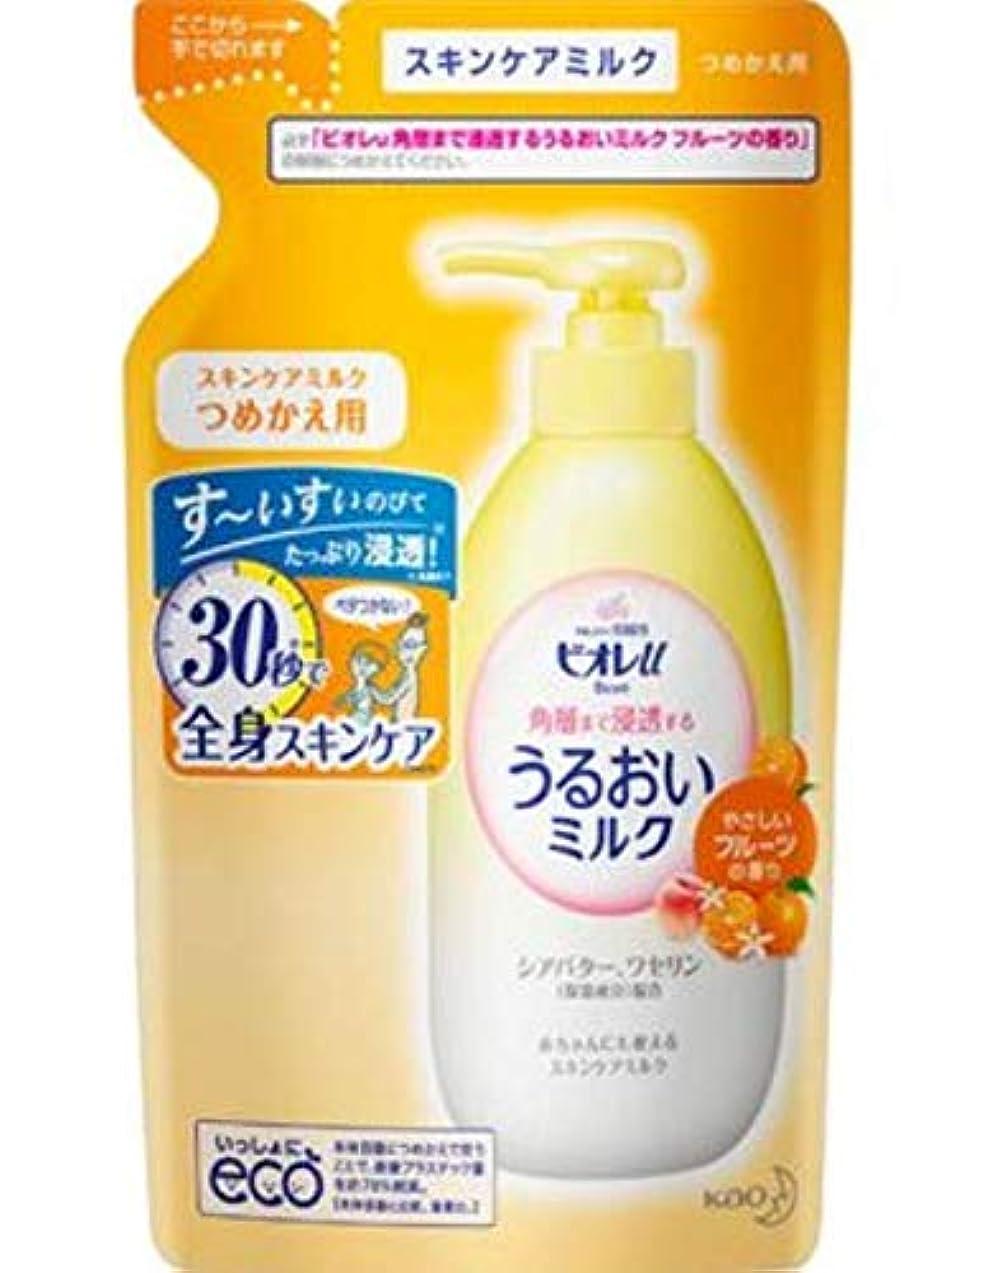 ビオレu 角層まで浸透 うるおいミルク フルーツ 250ml 詰替